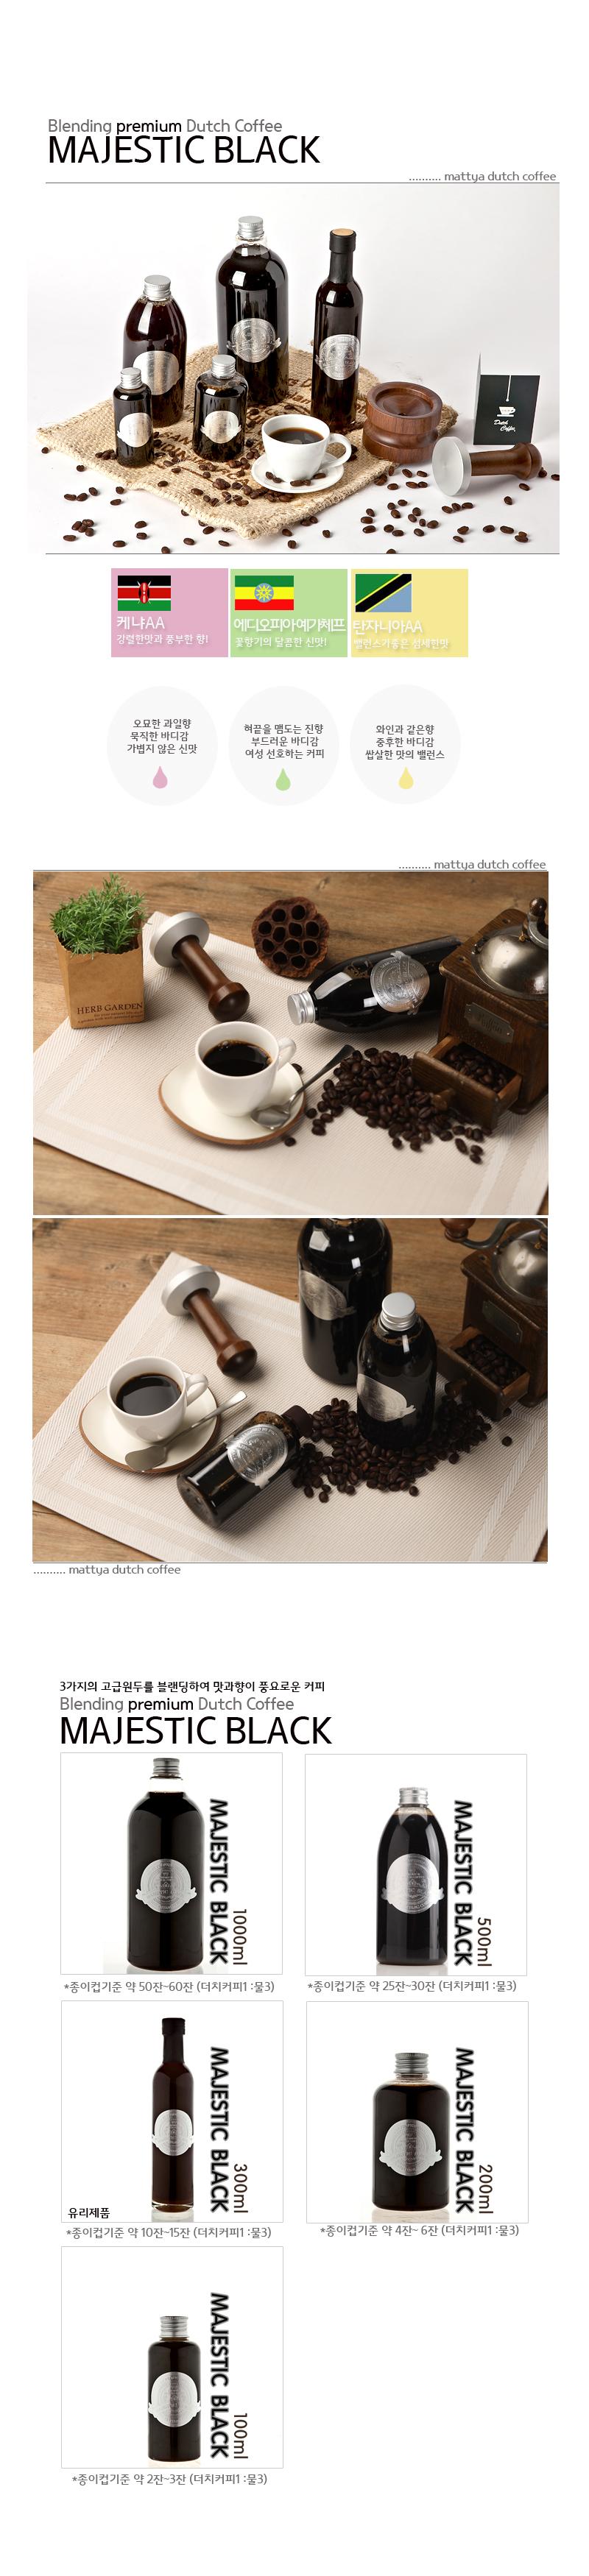 마띠야 더치커피 - 마띠야, 3,000원, 커피, 더치커피